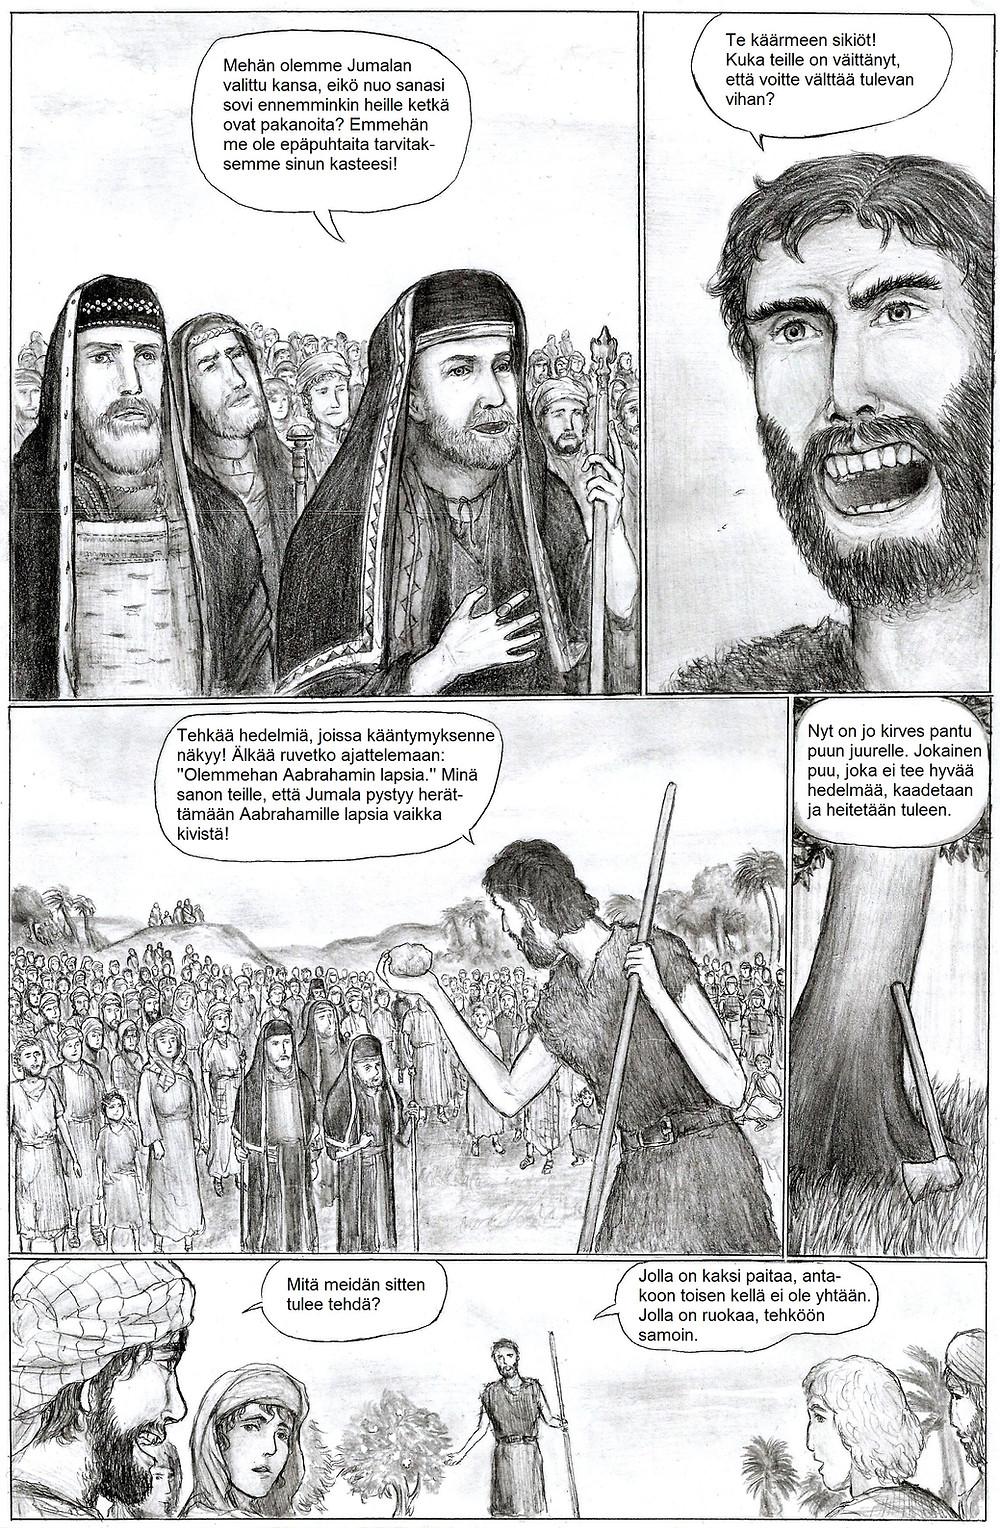 Johannes kutsuu kansalaisia käärmeen sikiöiksi ja käskee heitä tekemään hyvää.